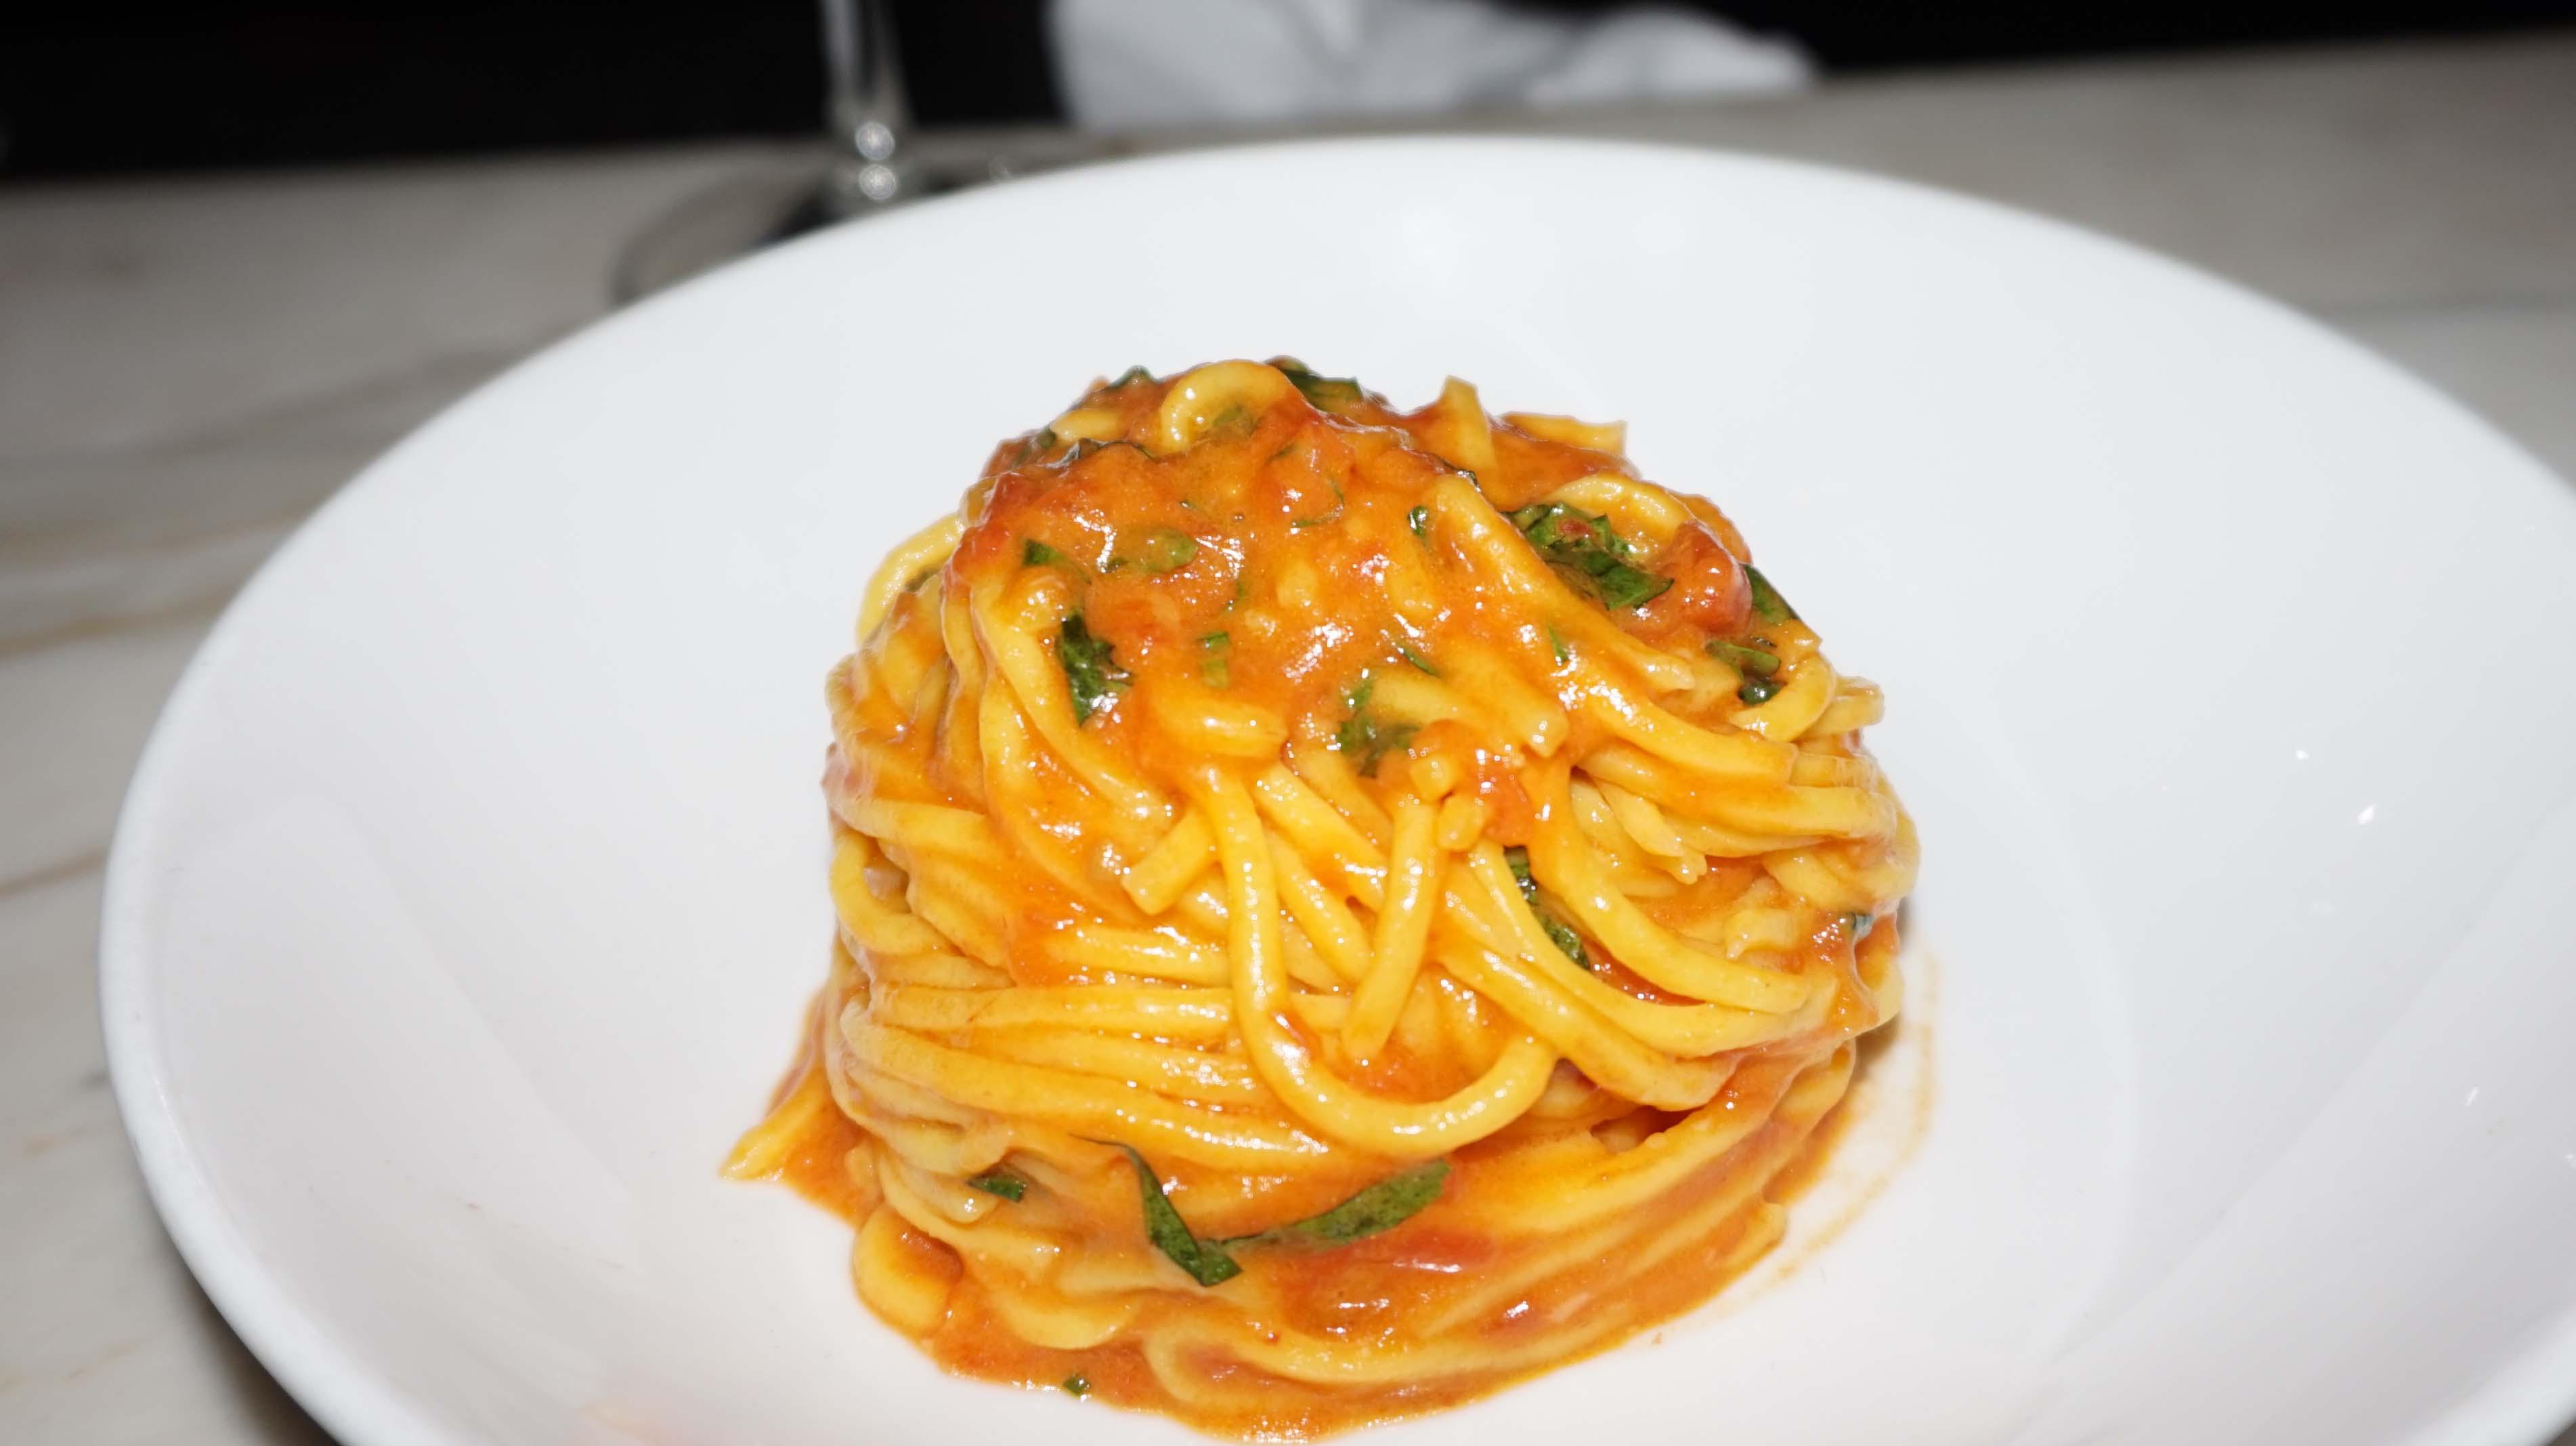 Scarpatta spaghetti